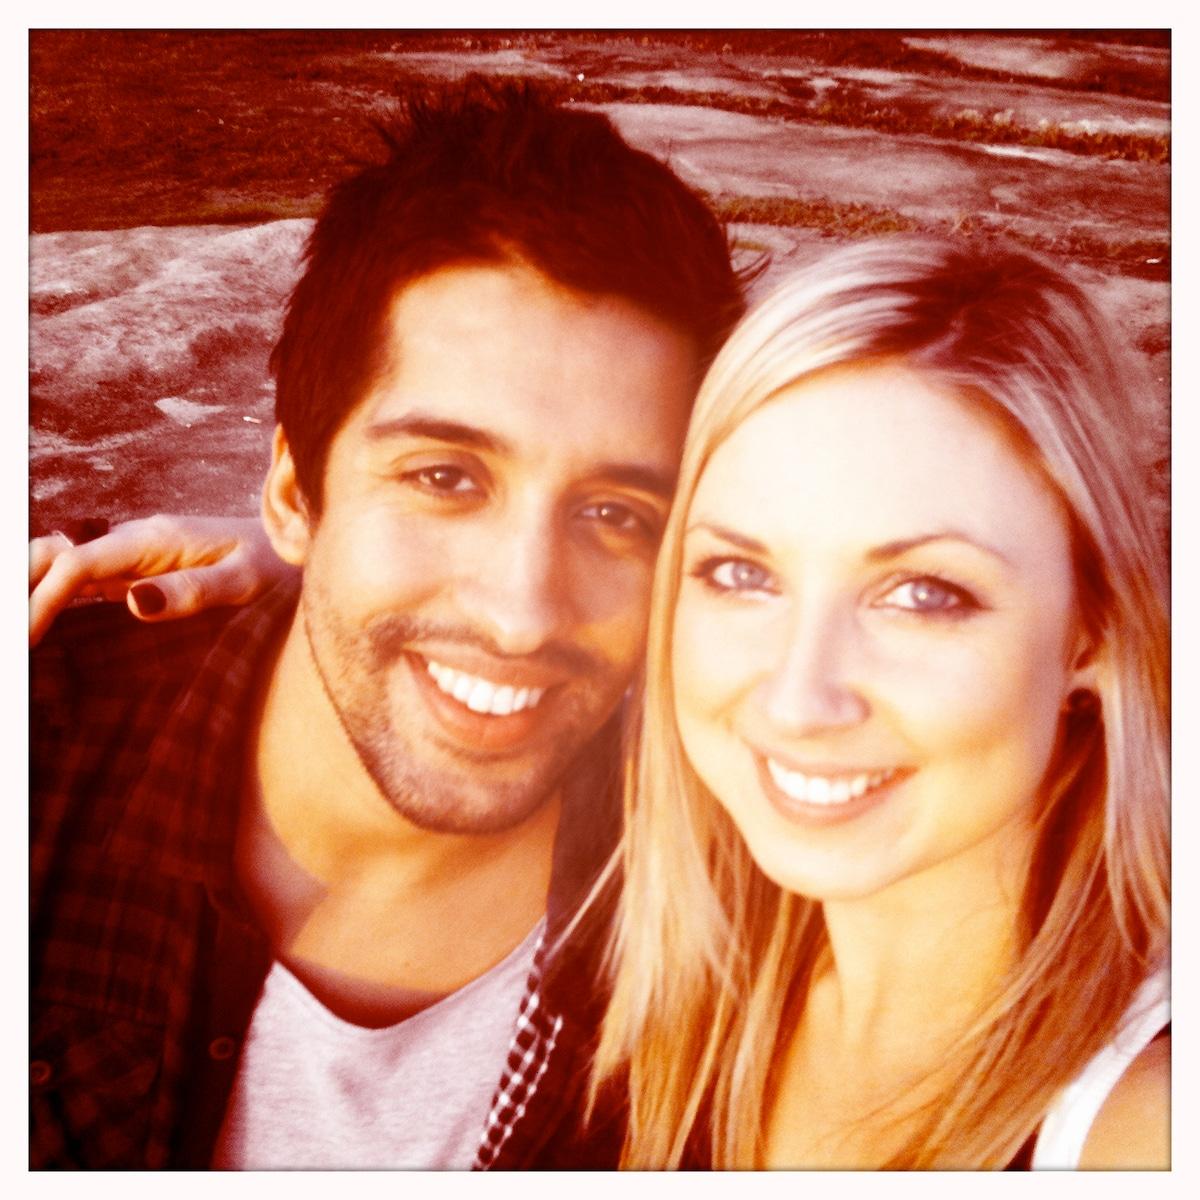 Tom & Becky